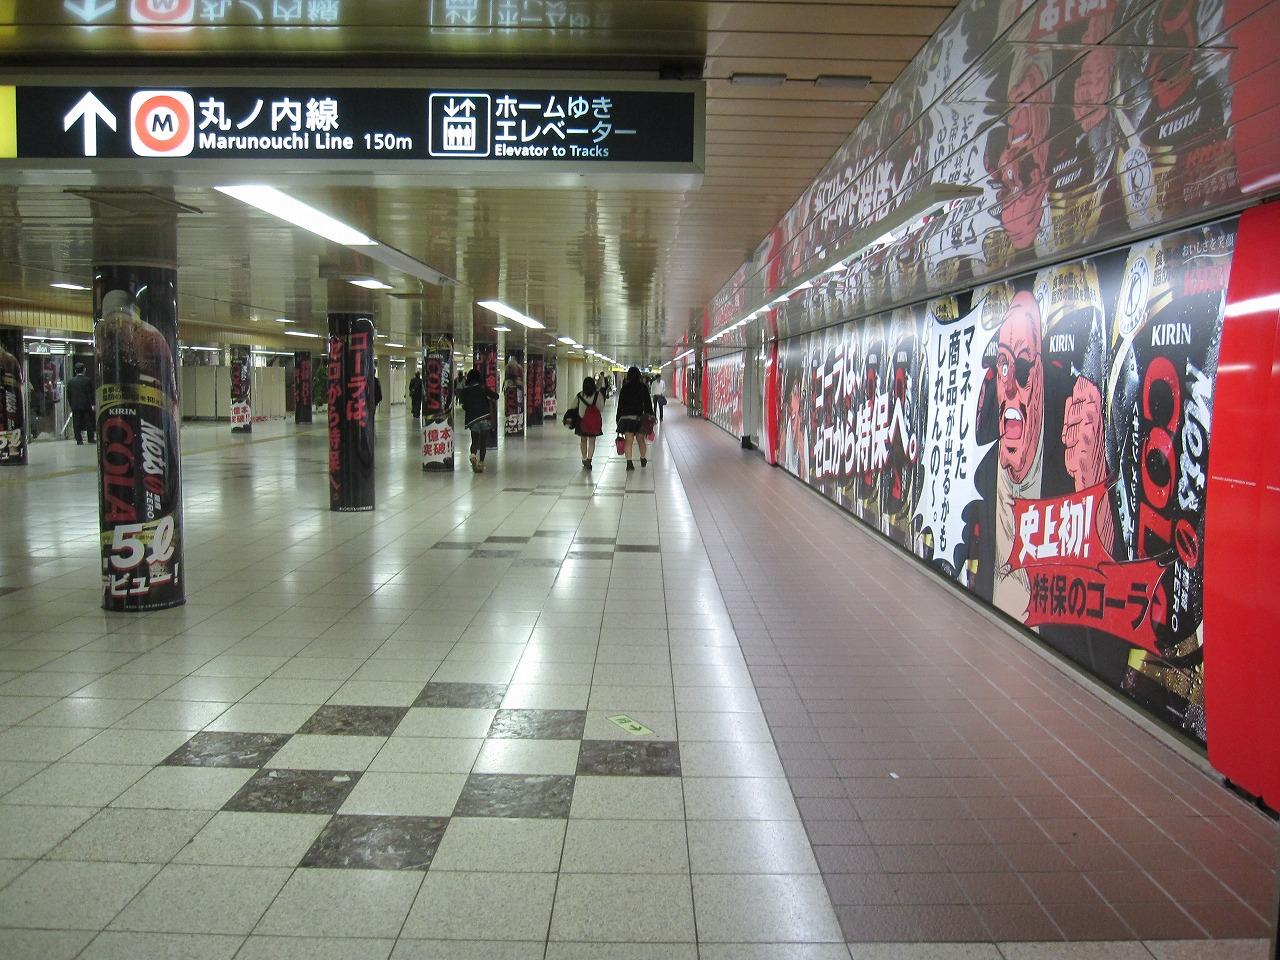 新宿駅 丸ノ内線メトロプロムナ...